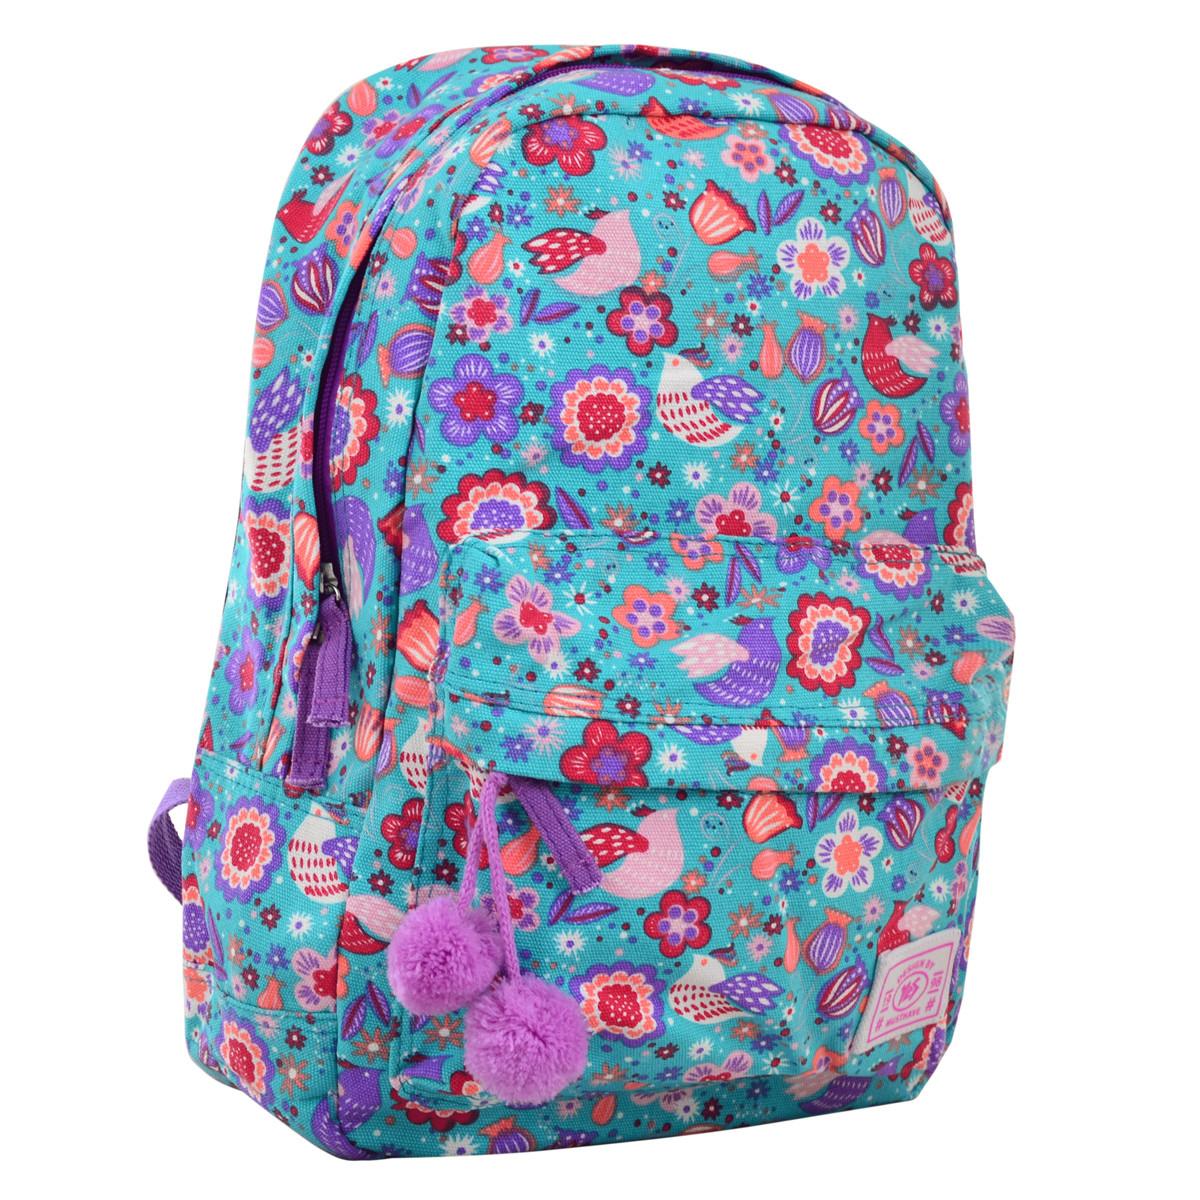 Рюкзак молодежный ST-33 Dreamy, 35*29*12